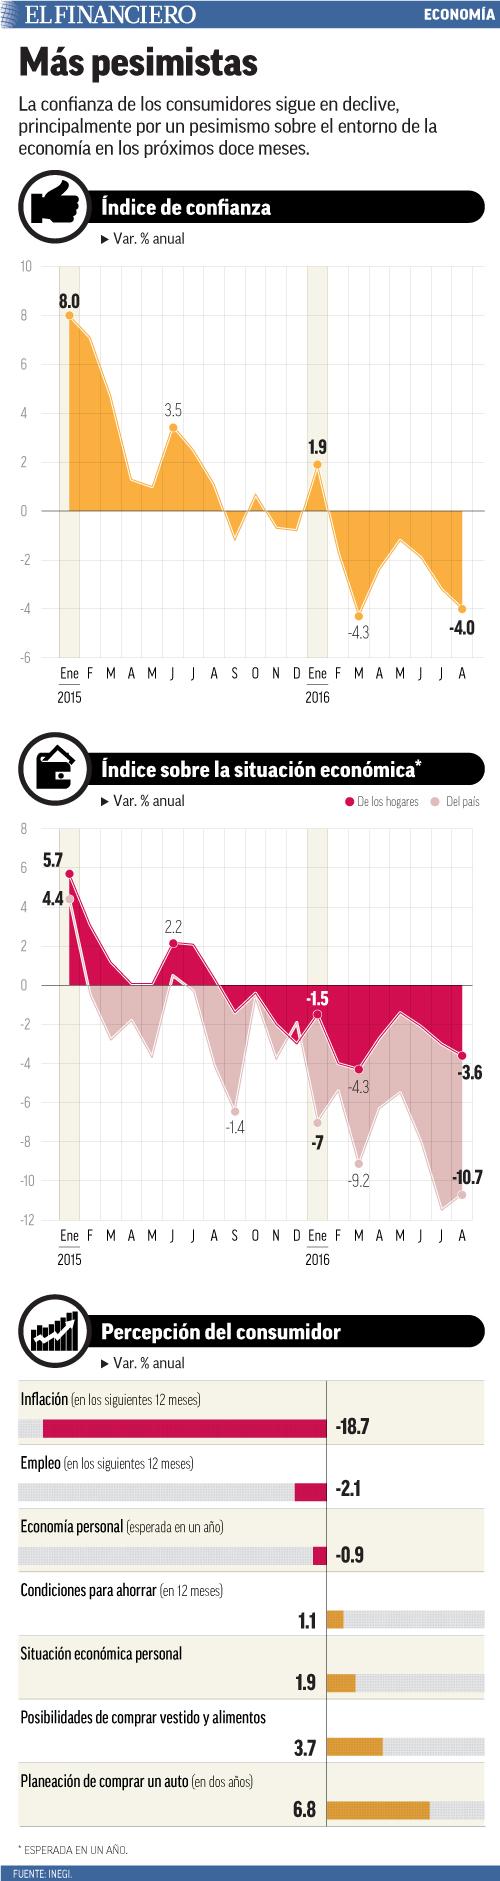 La confianza de los consumidores sigue en declive, principalmente por un pesimismo sobre el entorno de la economía en los próximos doce meses.